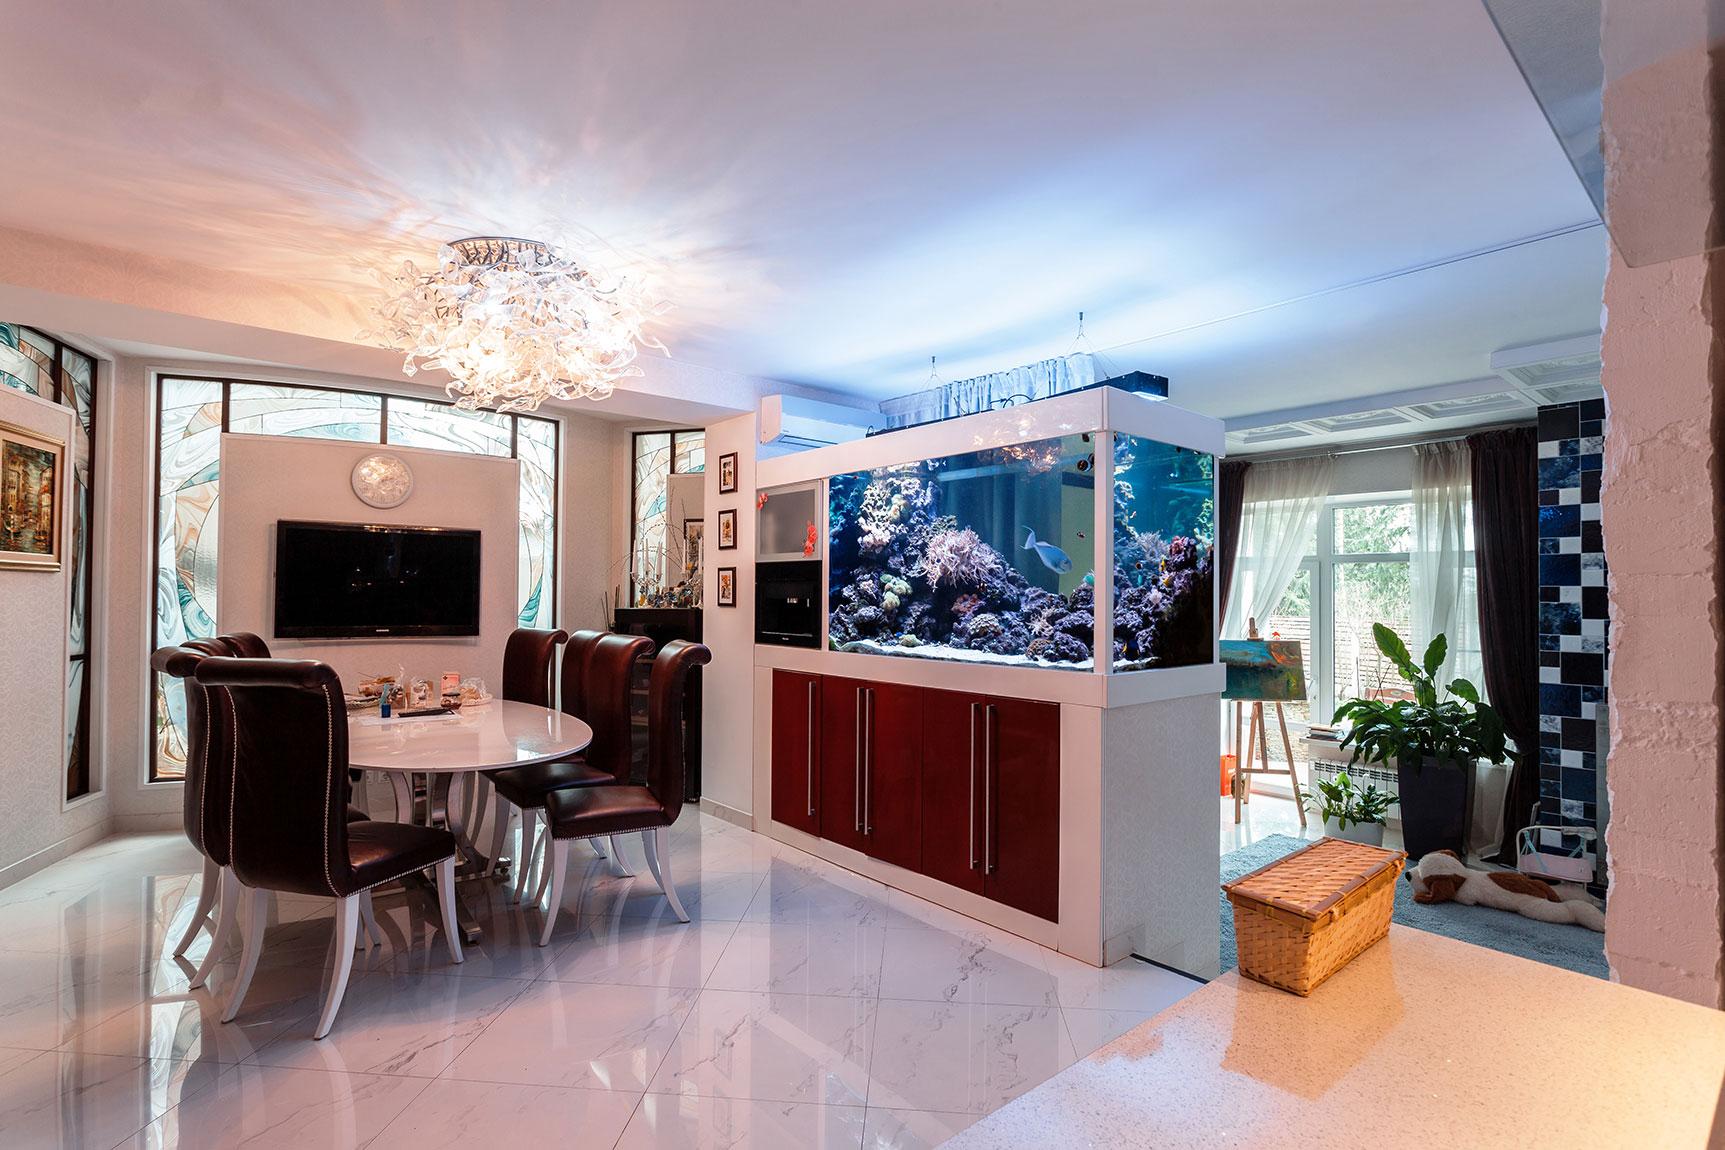 Аквариум в интерьере квартиры: куда поставить и где должен стоять, фото